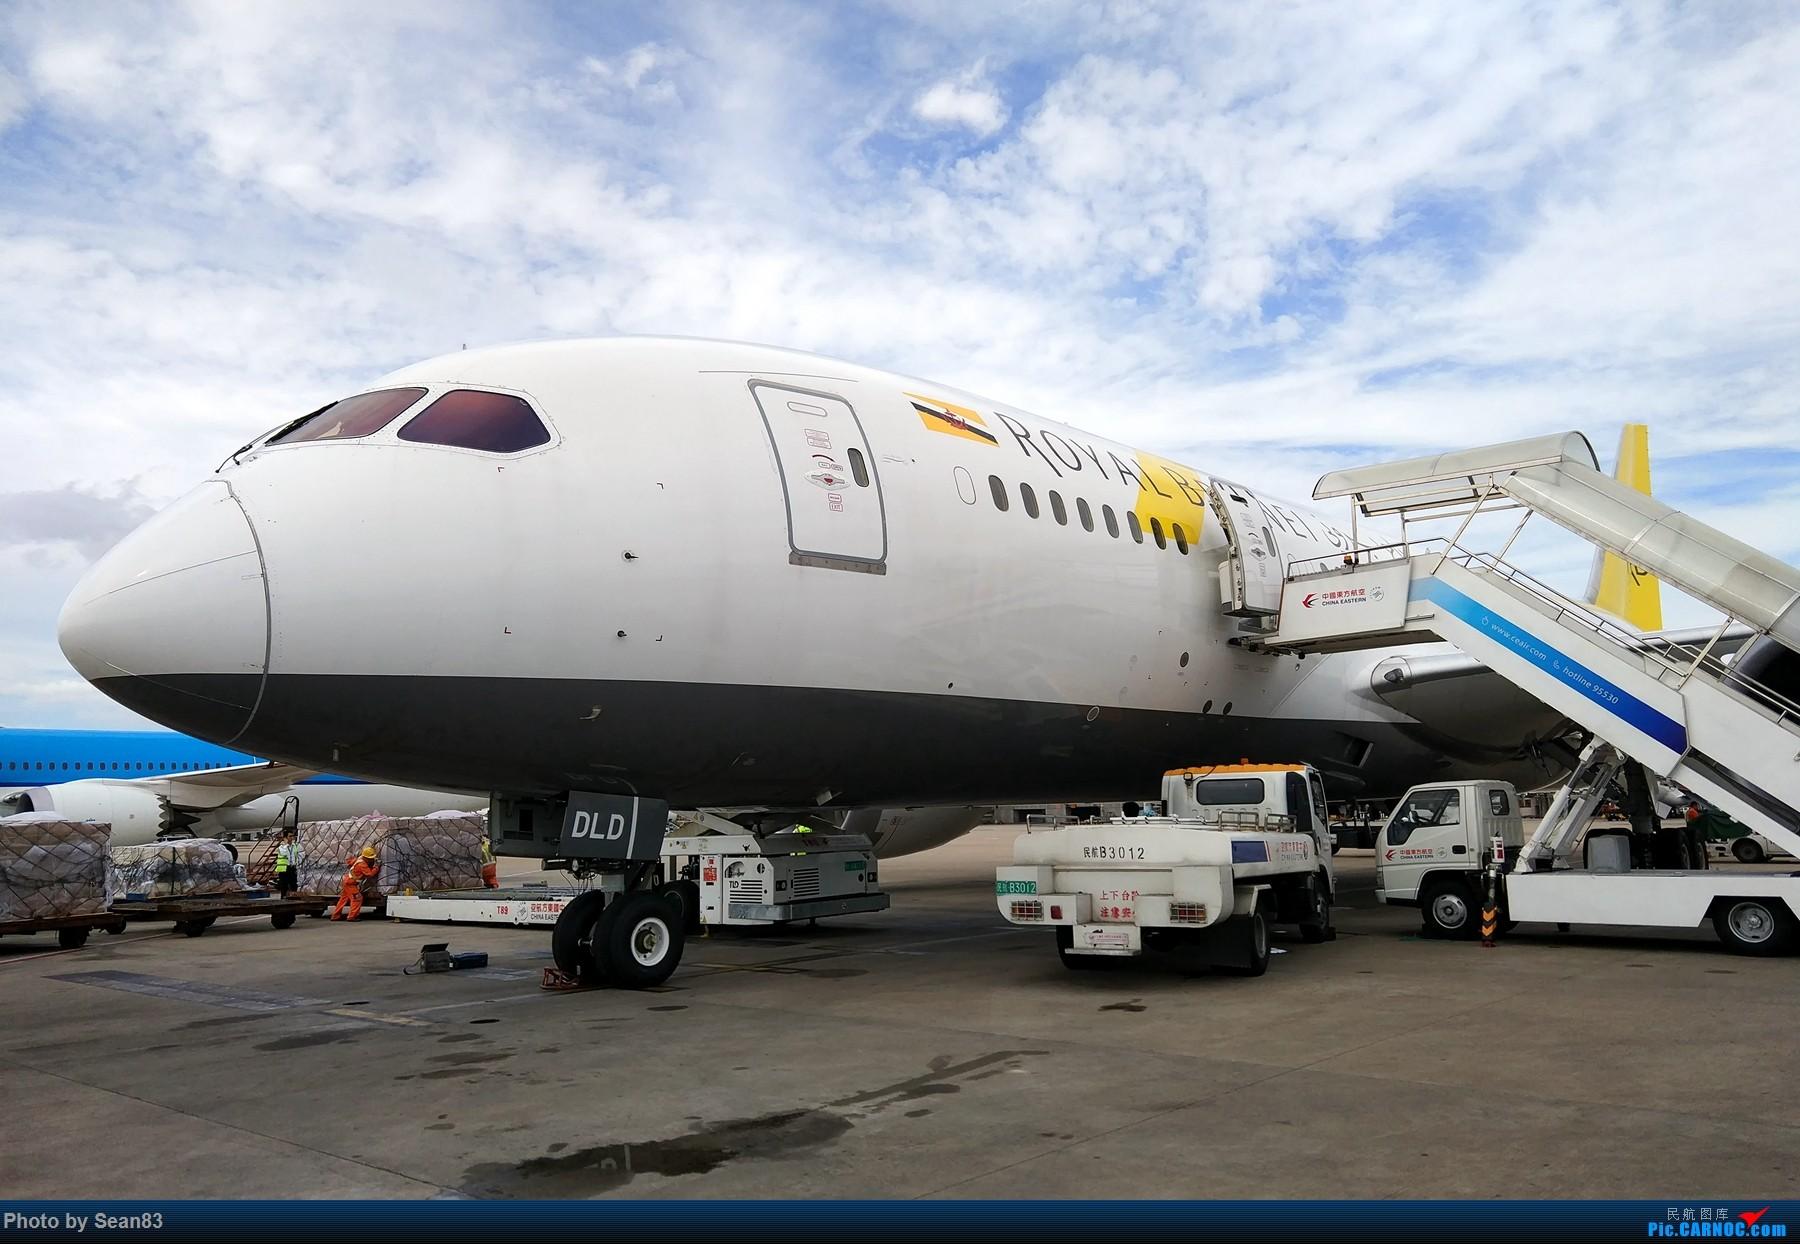 [原创](PVG 1800*)文莱航空B787-8 BOEING 787-8 V8-DLD 上海浦东国际机场